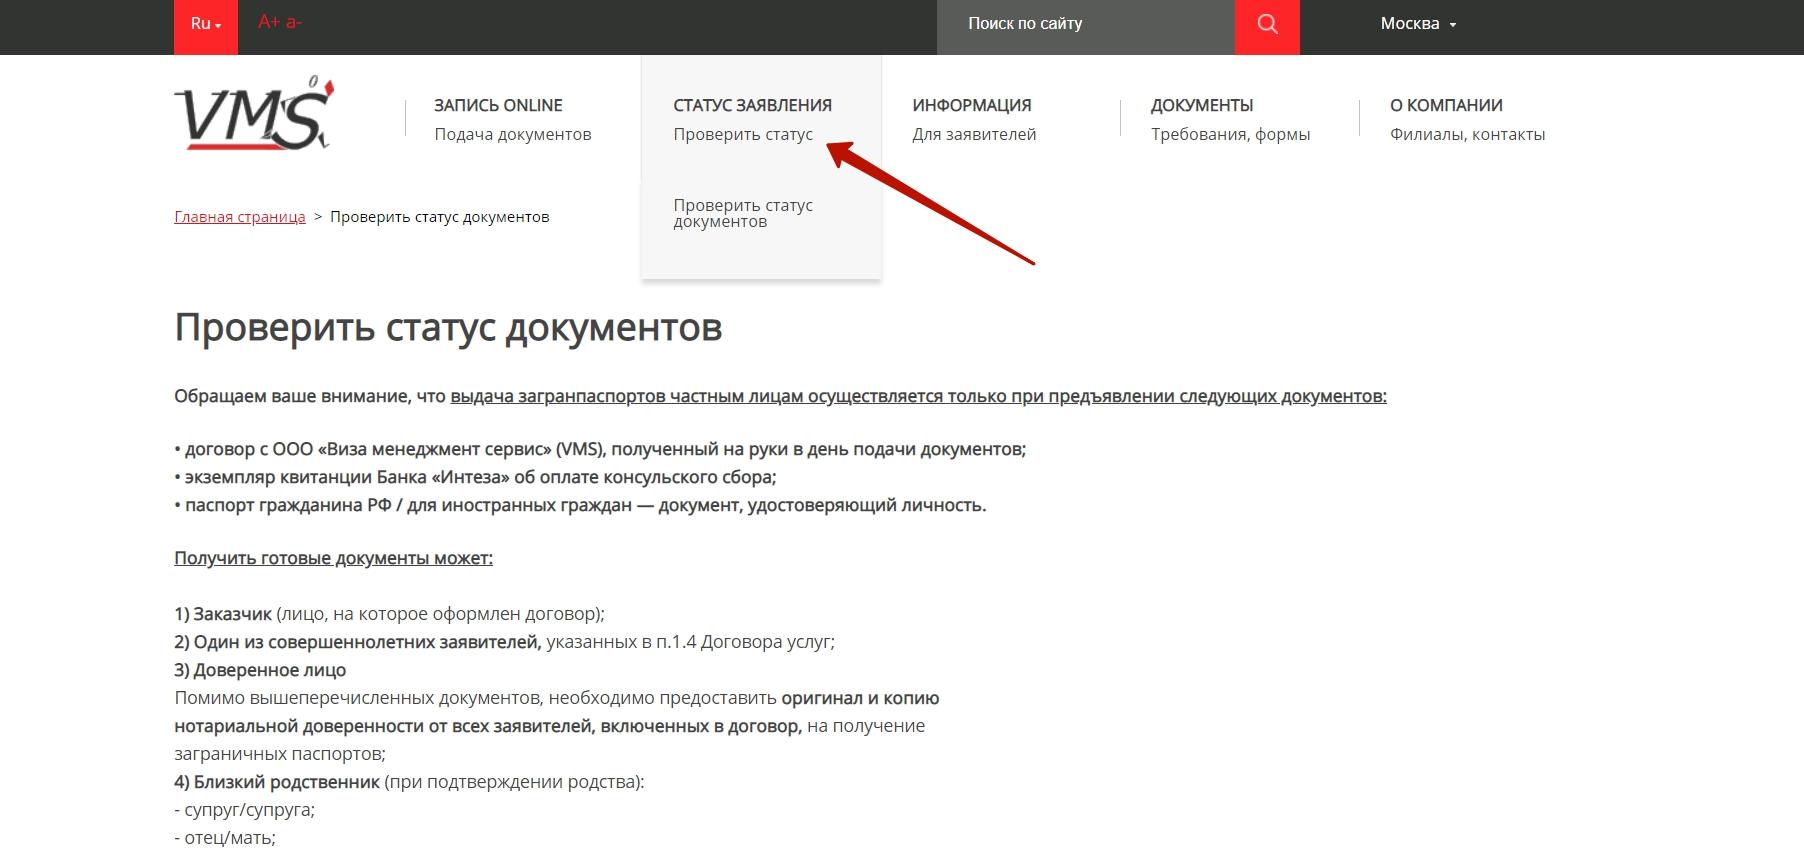 Проверка заявки на визу на сайте italy vms ru